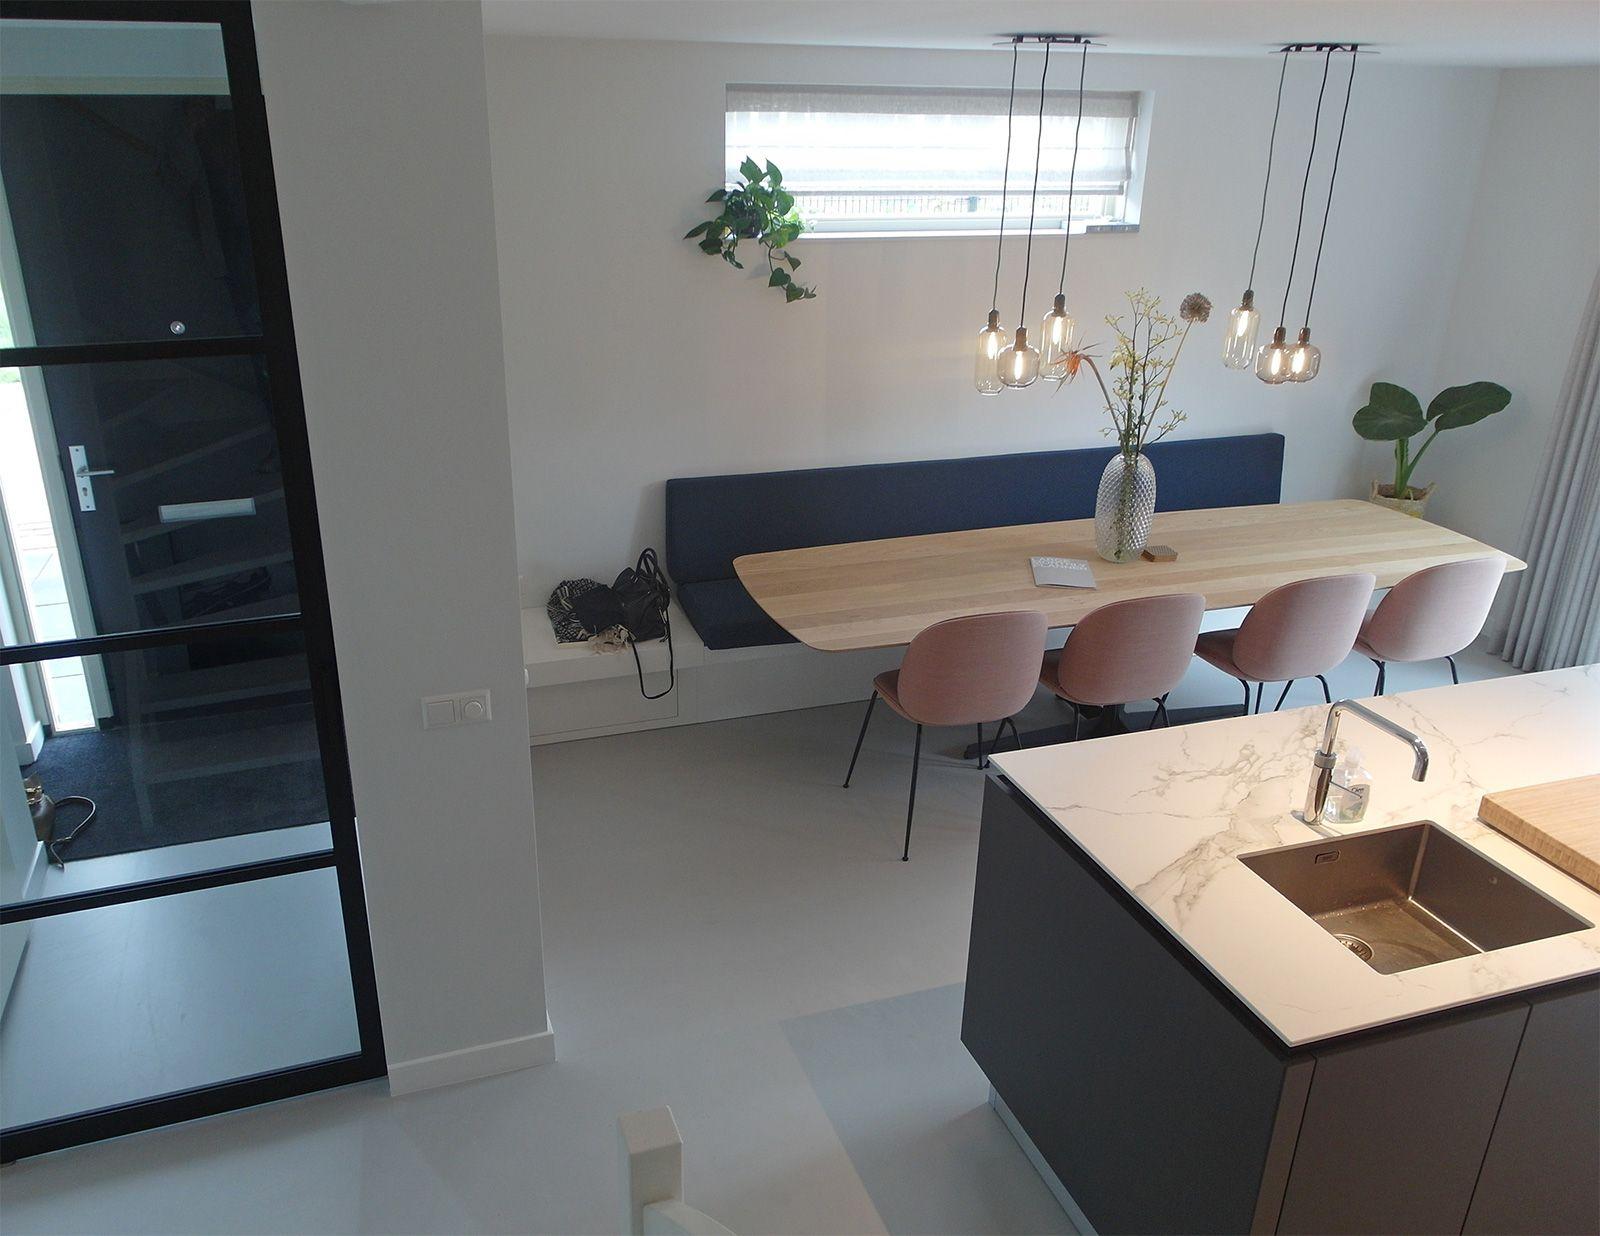 Rustieke Woonkeuken Gietvloer : Gietvloer woonkeuken berkel en rodenrijs grijs decoratie huis